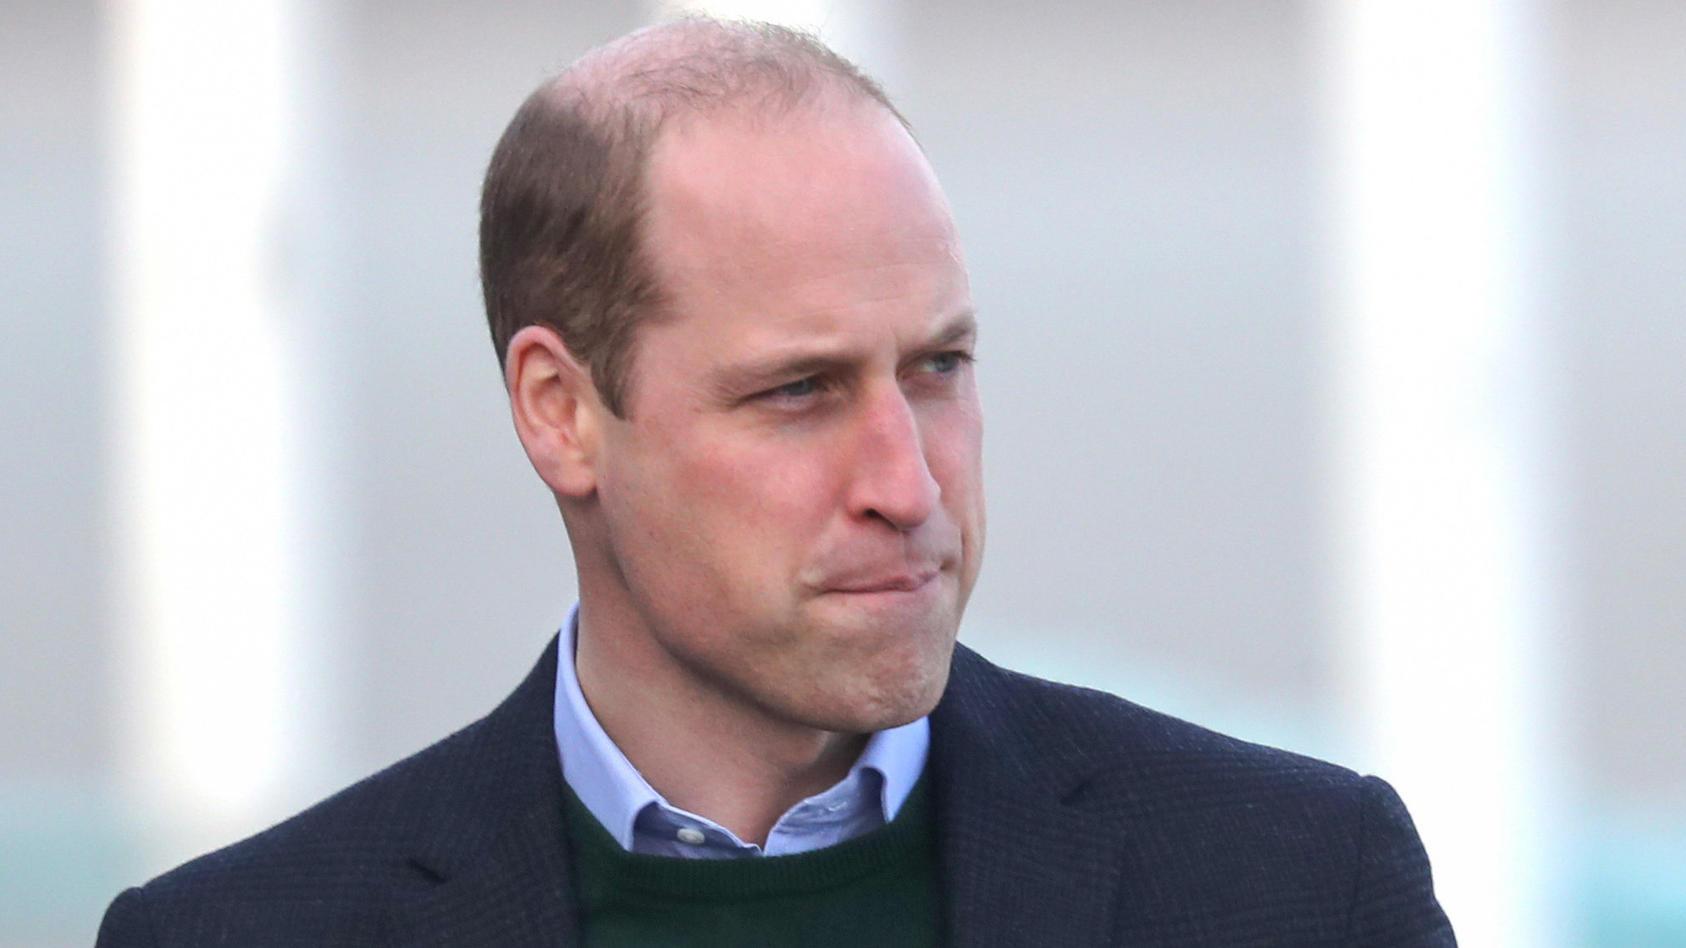 Prinz William zeigt sich betroffen von den neusten Erkenntnissen über die Hintergründe des Skandalinterviews seiner Mutter Diana.